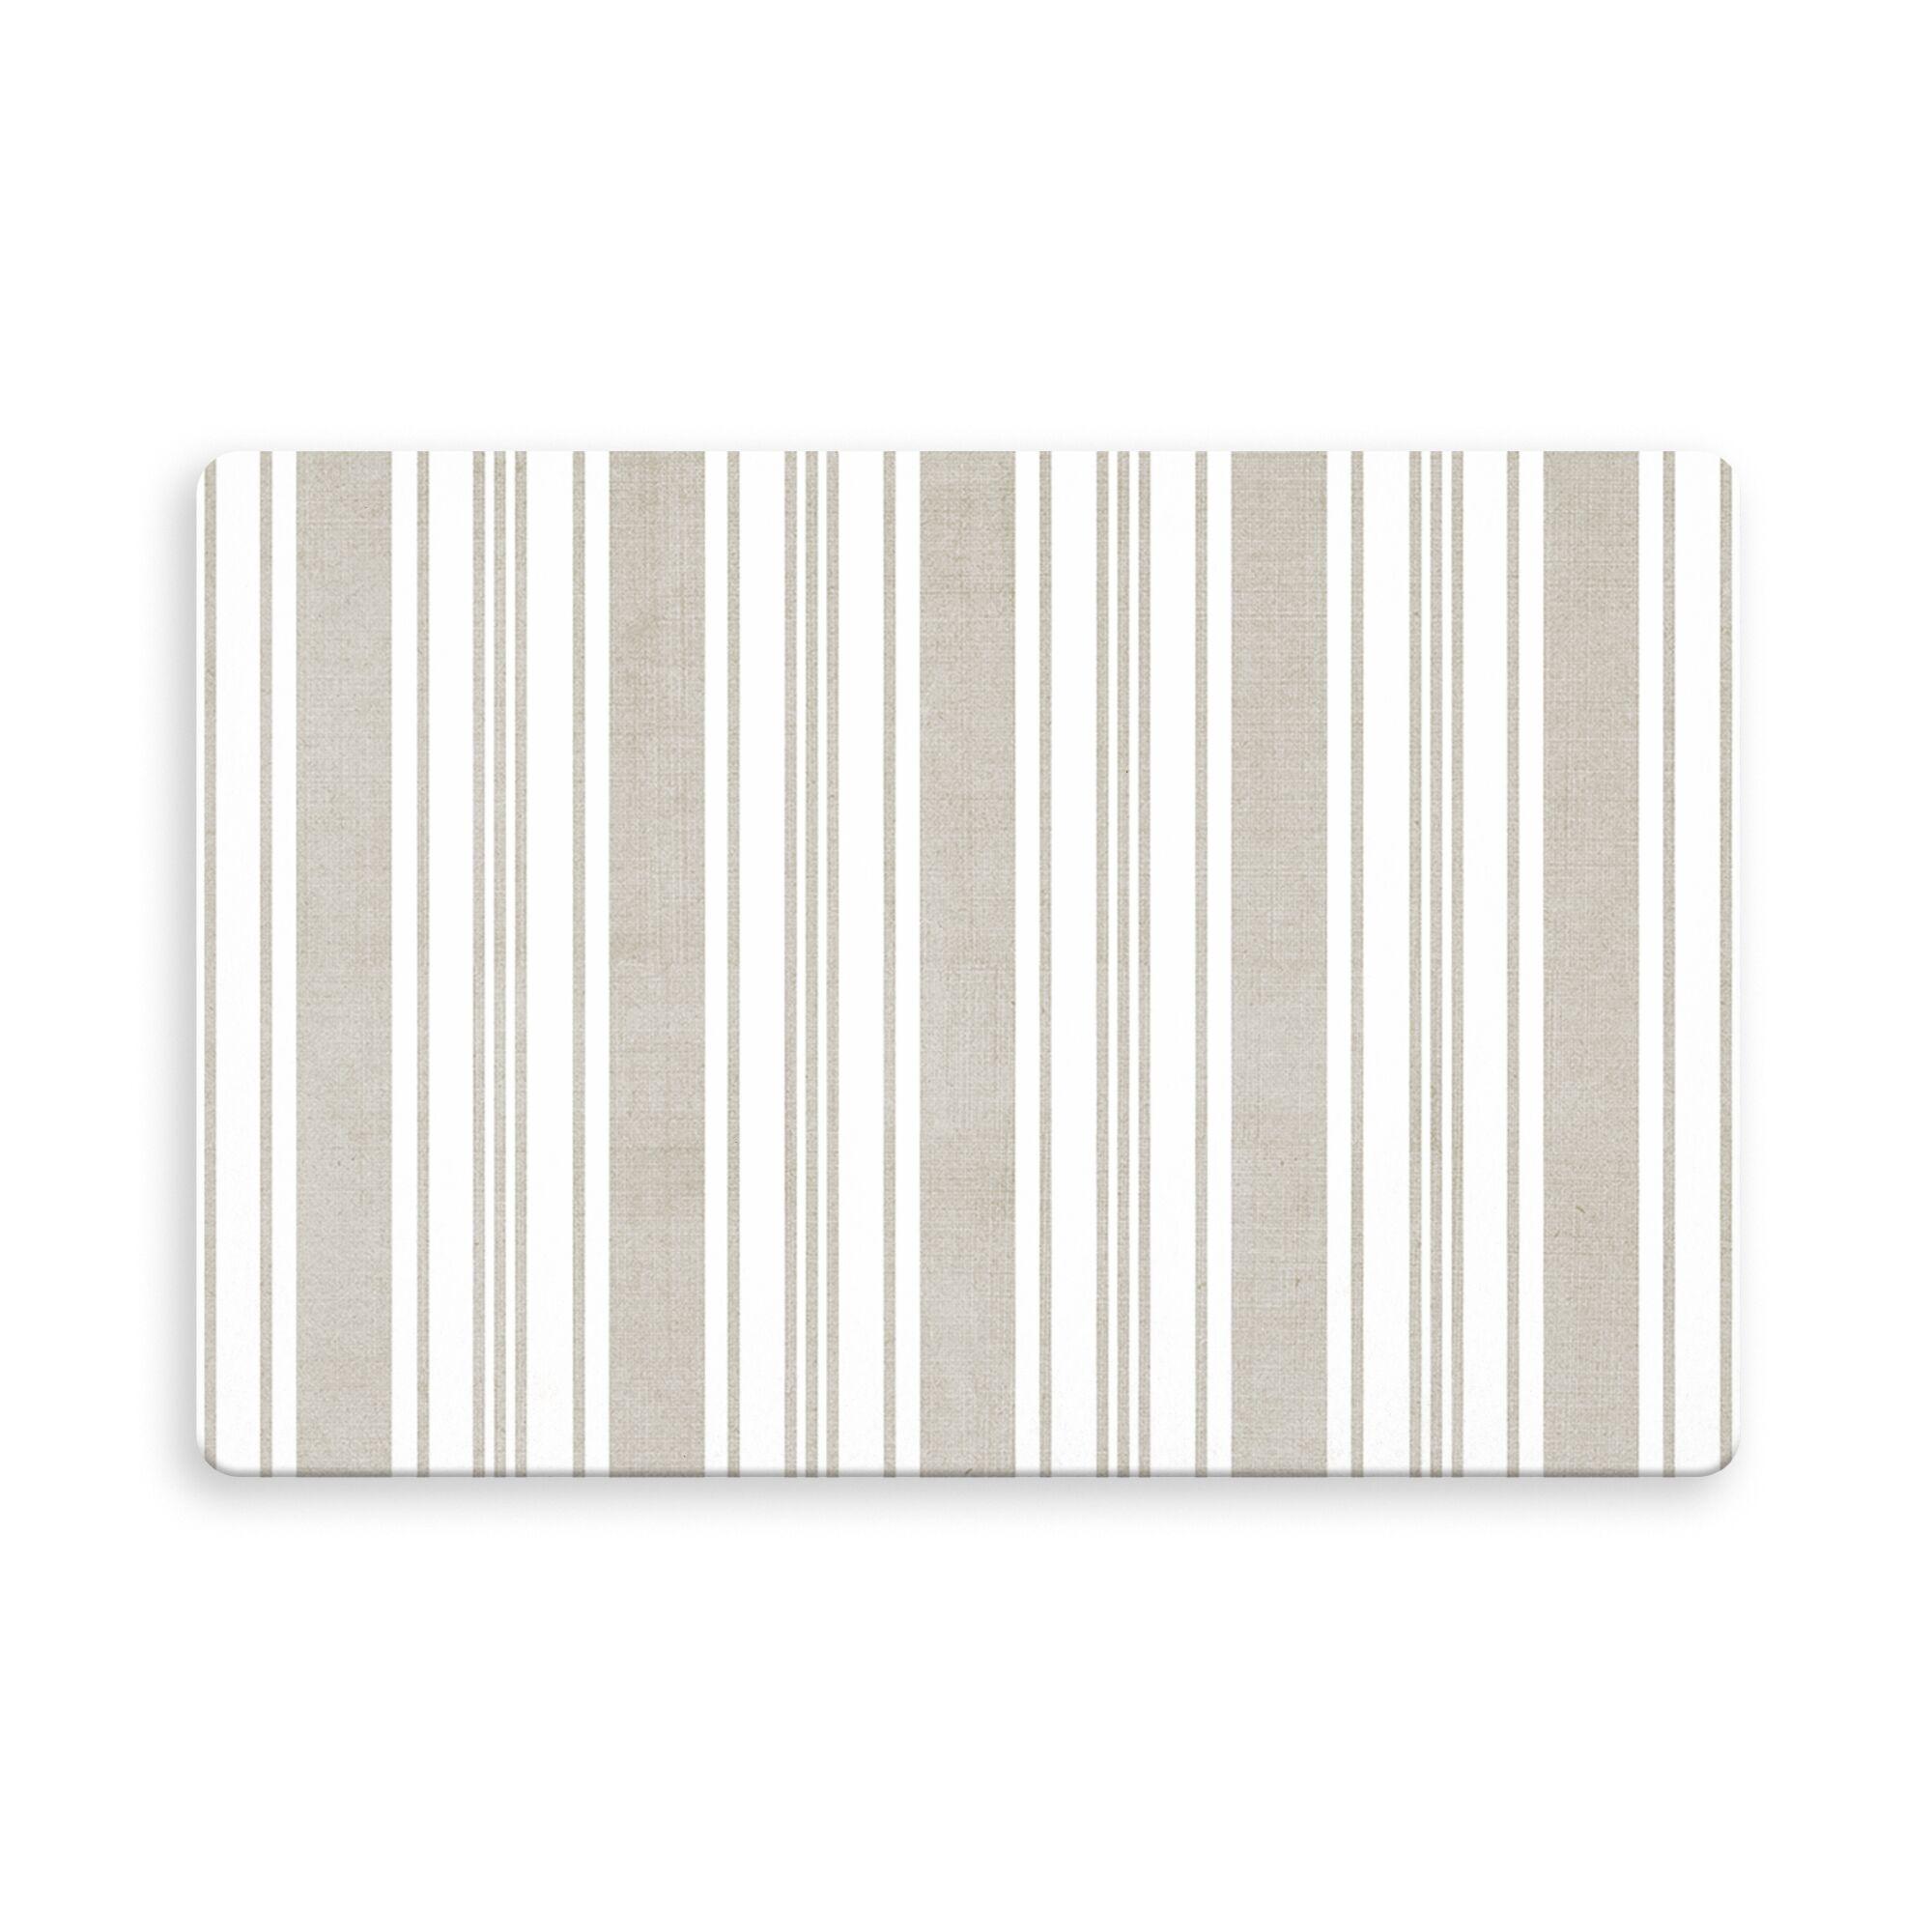 Ellicott Castaneda Indoor/Outdoor Doormat Mat Size: Rectangle 2'6